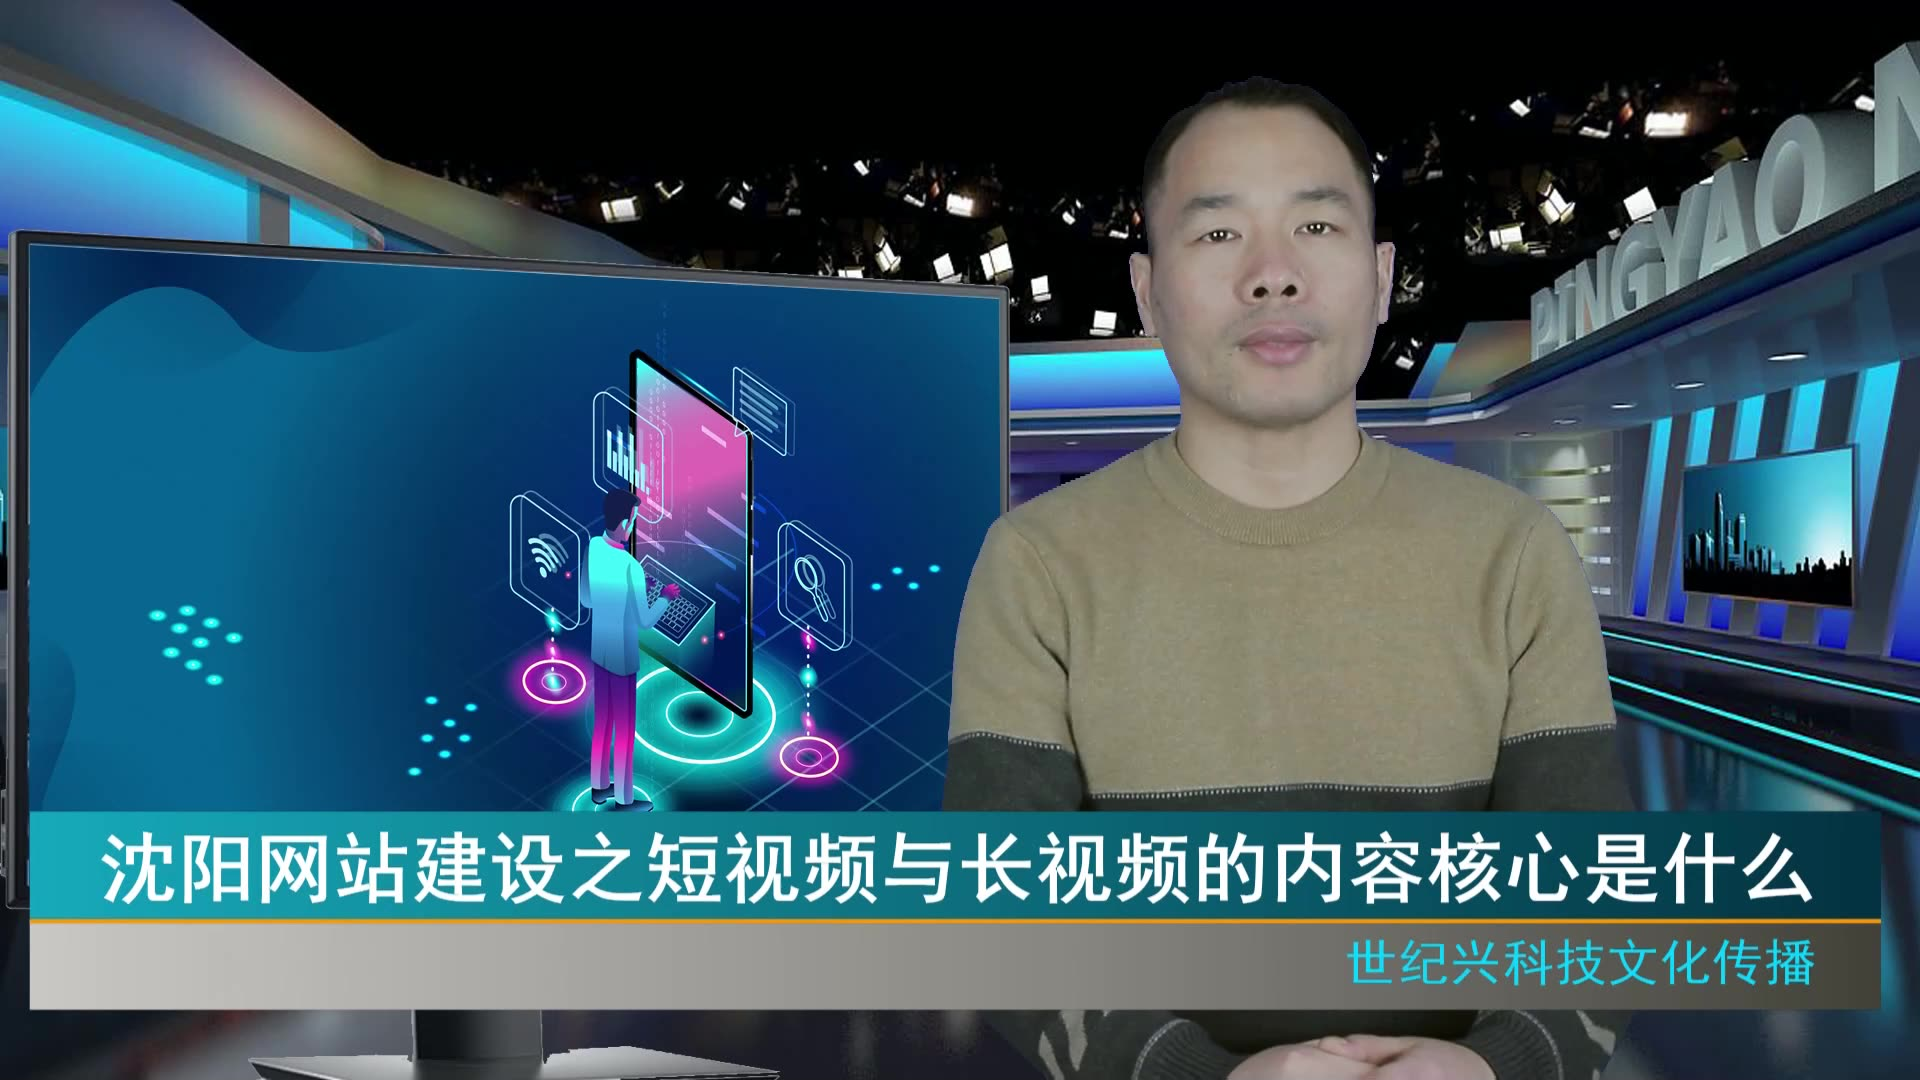 沈阳网站建设之短视频与长视频的内容核心是什么